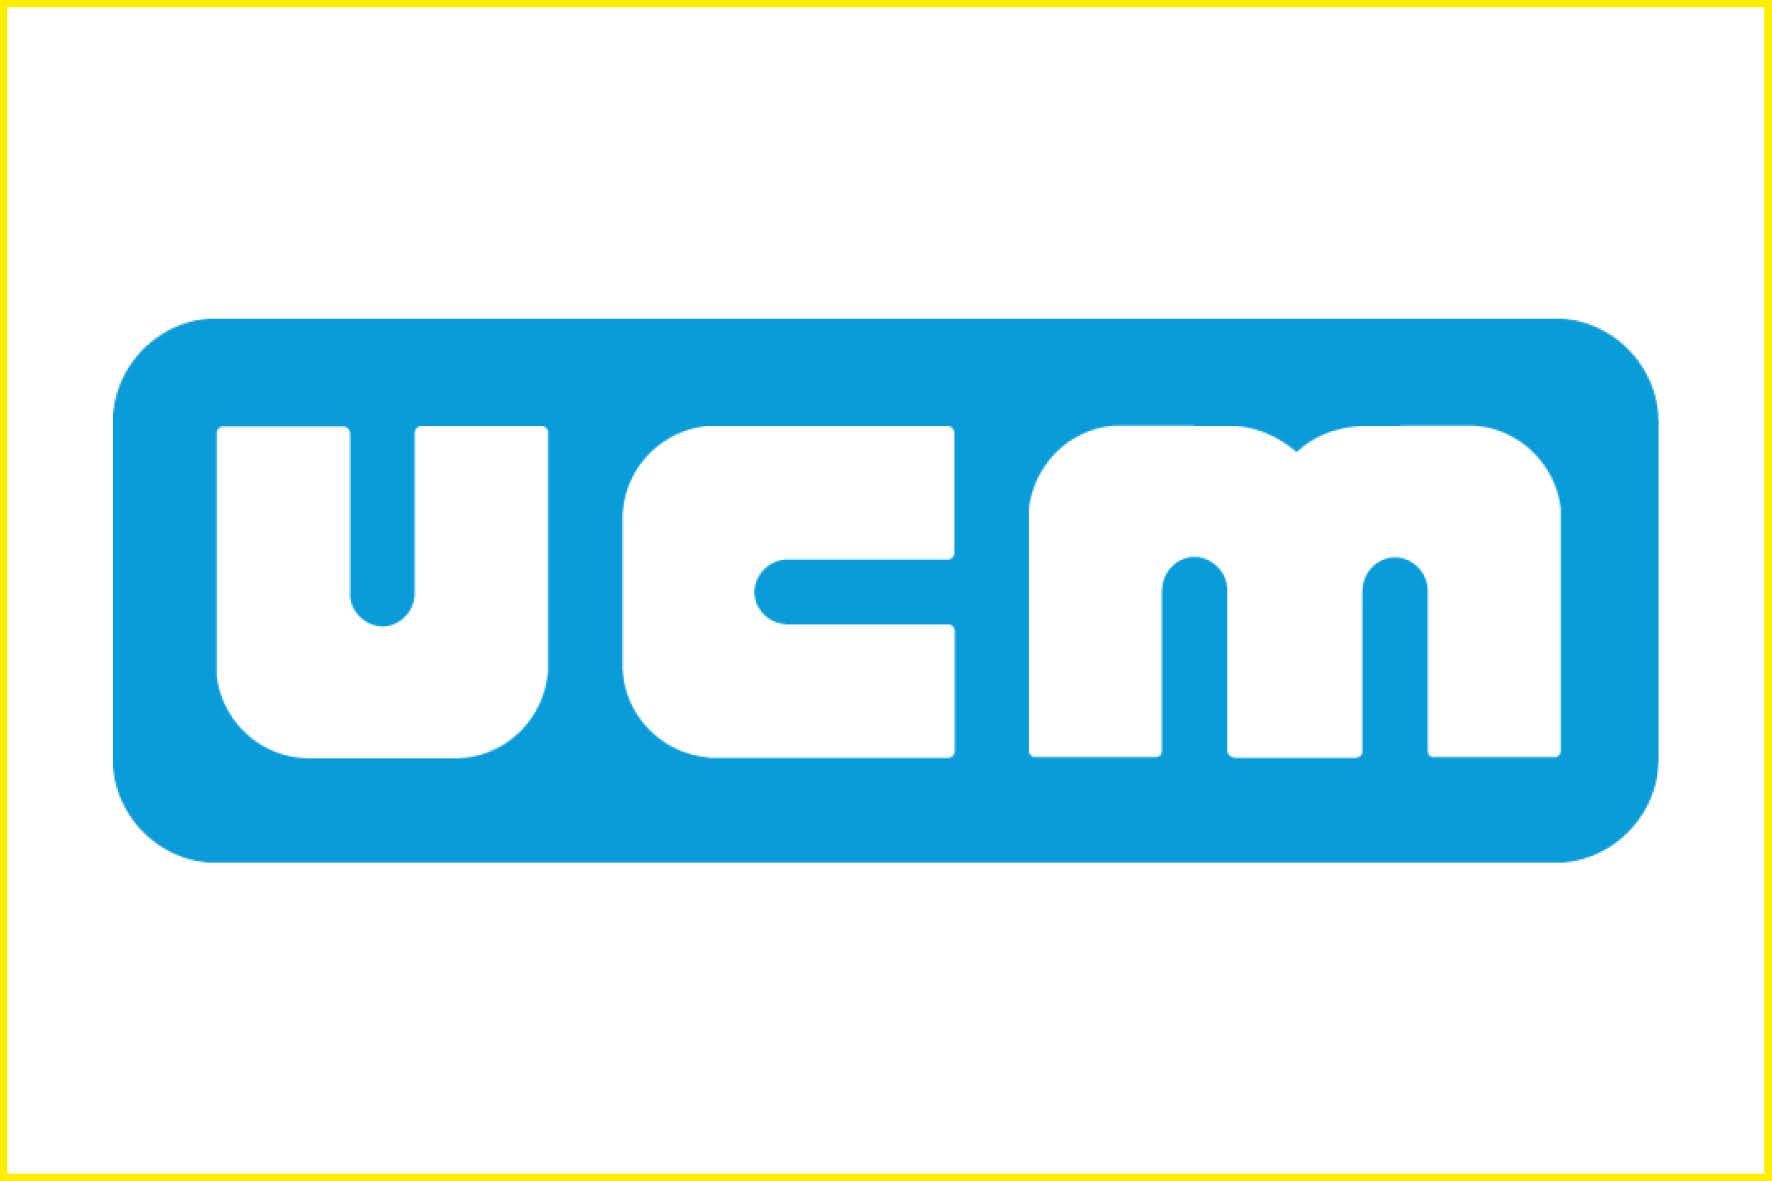 mark-com-event-ucm